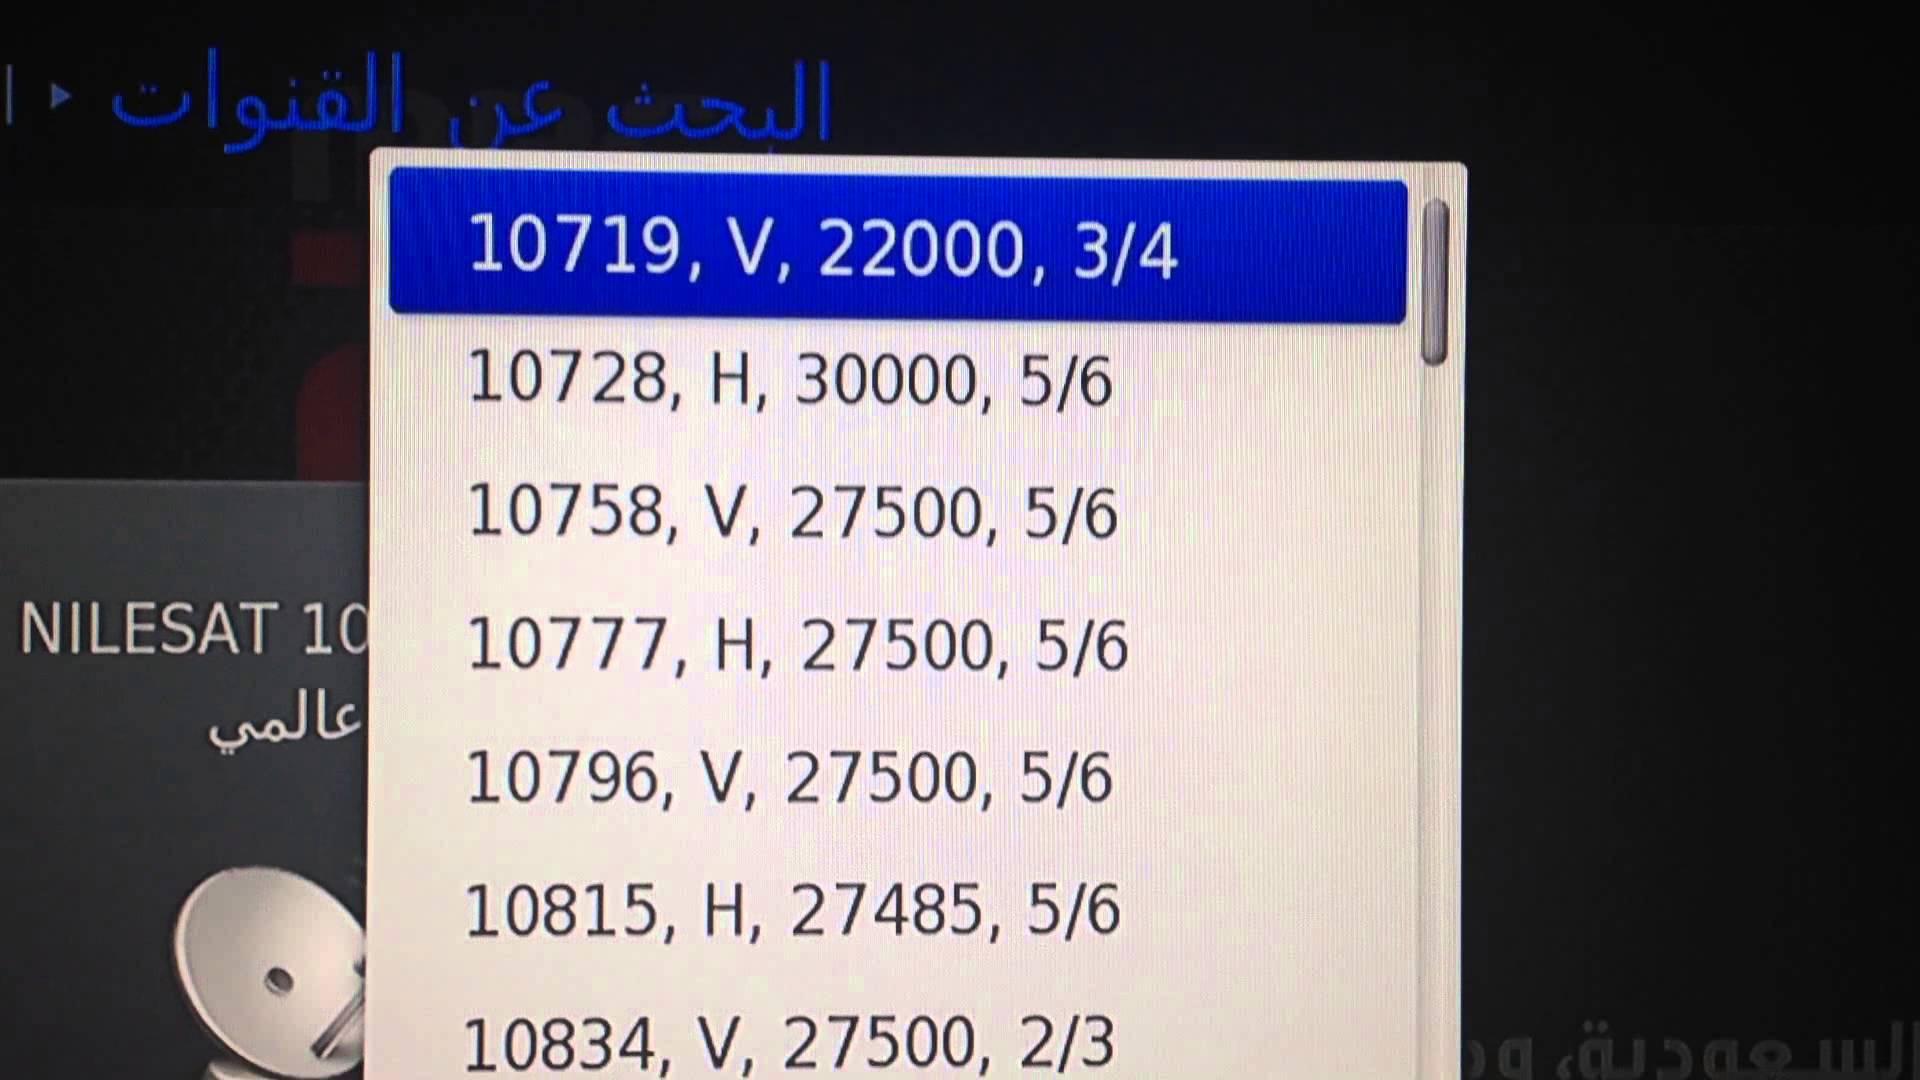 بالصور تردد ام بي سي برو , شاهد جميع مباريات الدوري السعودي علي ام بي سي برو 3230 1